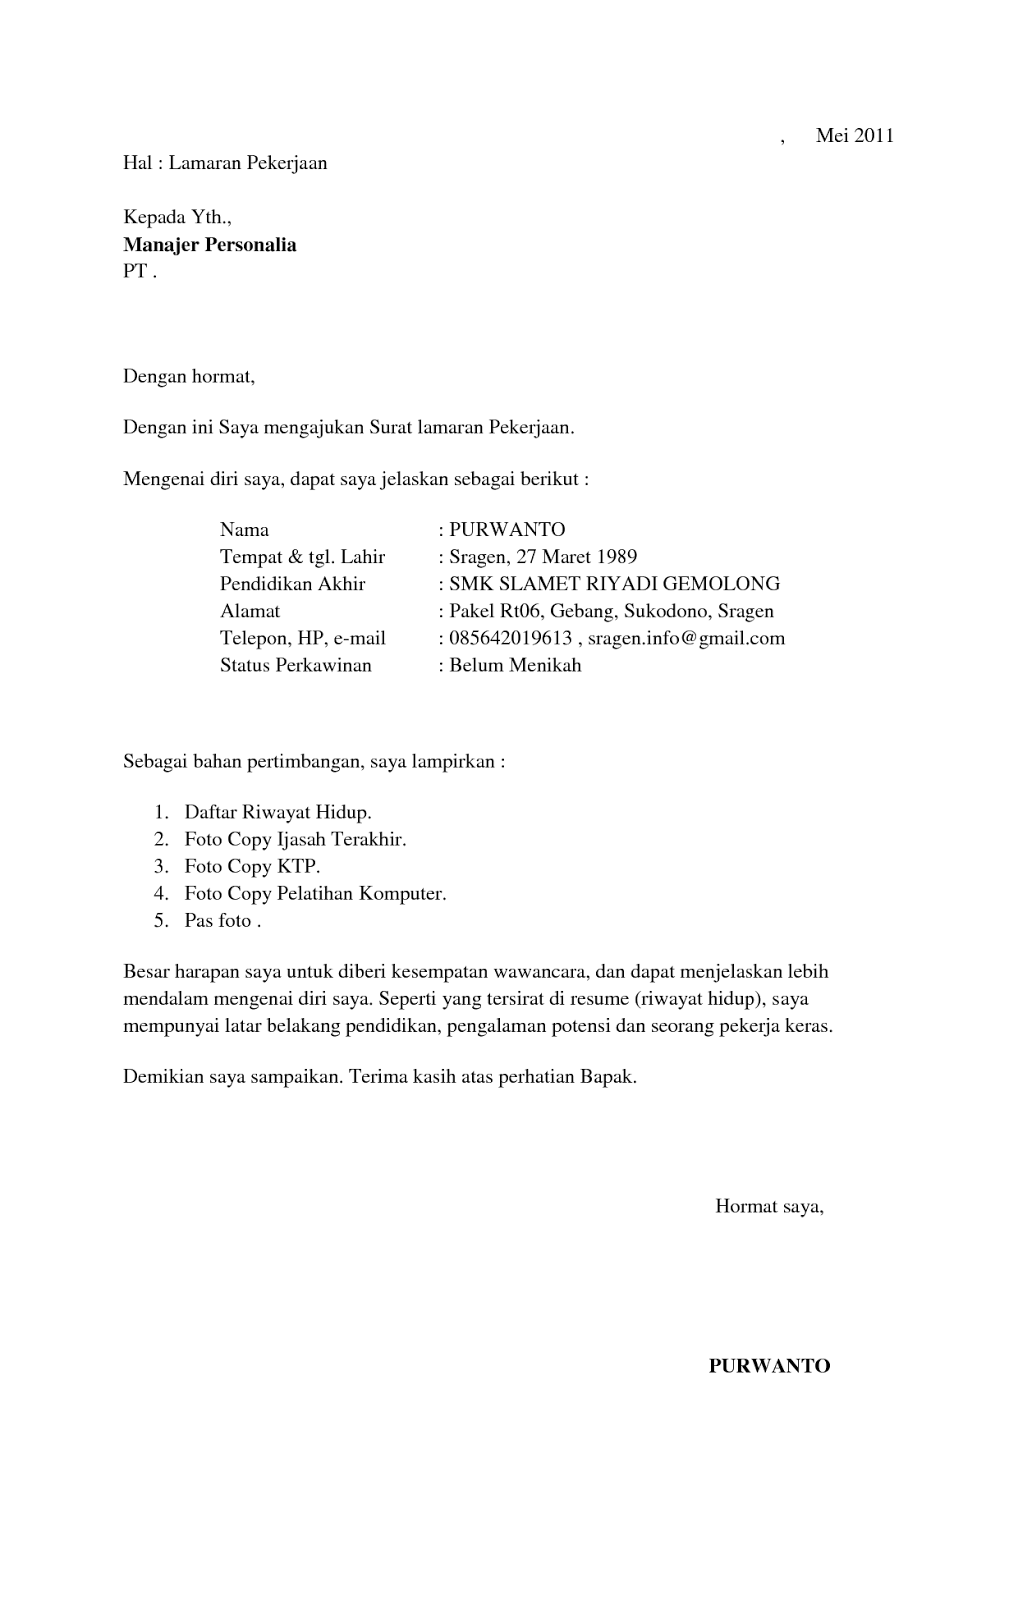 Surat Lamaran Kerja Simple : surat, lamaran, kerja, simple, Surat, Lamaran, Kerja, Singkat, Tulisan,, Surat,